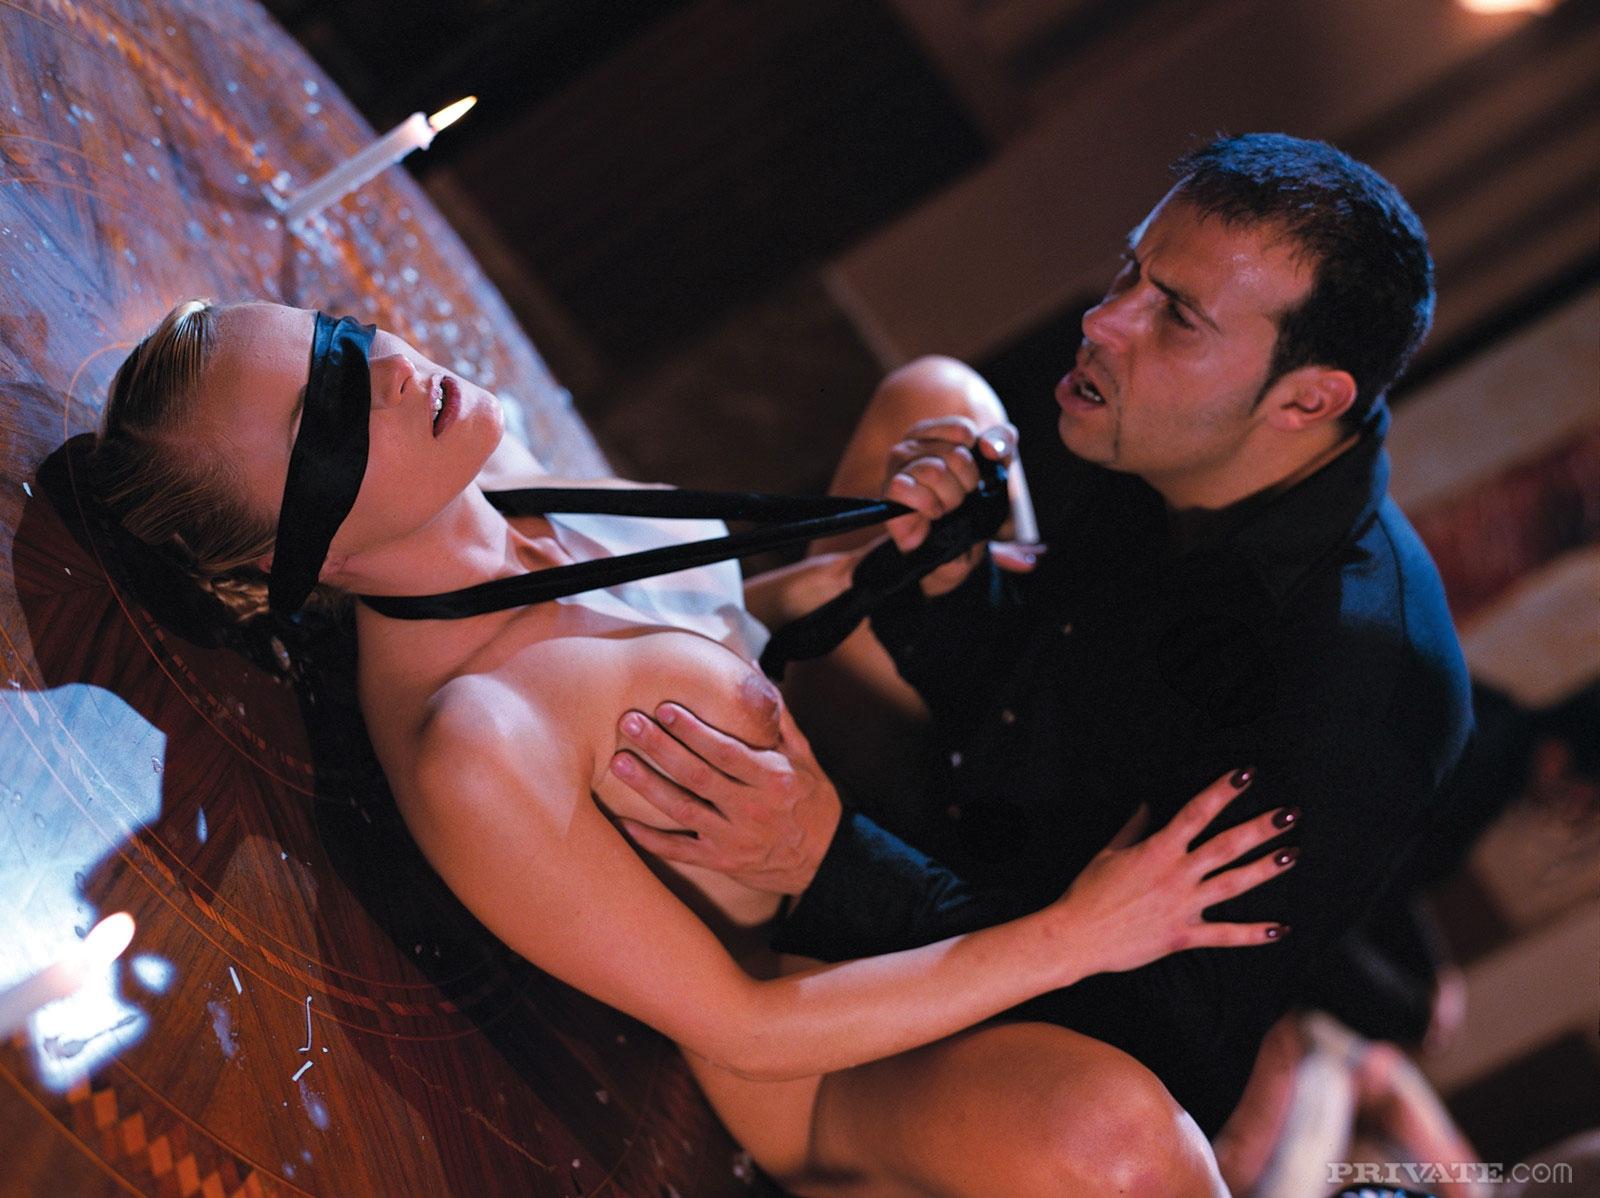 Рабыня с пухлыми сиськами принимает сперму на лицо